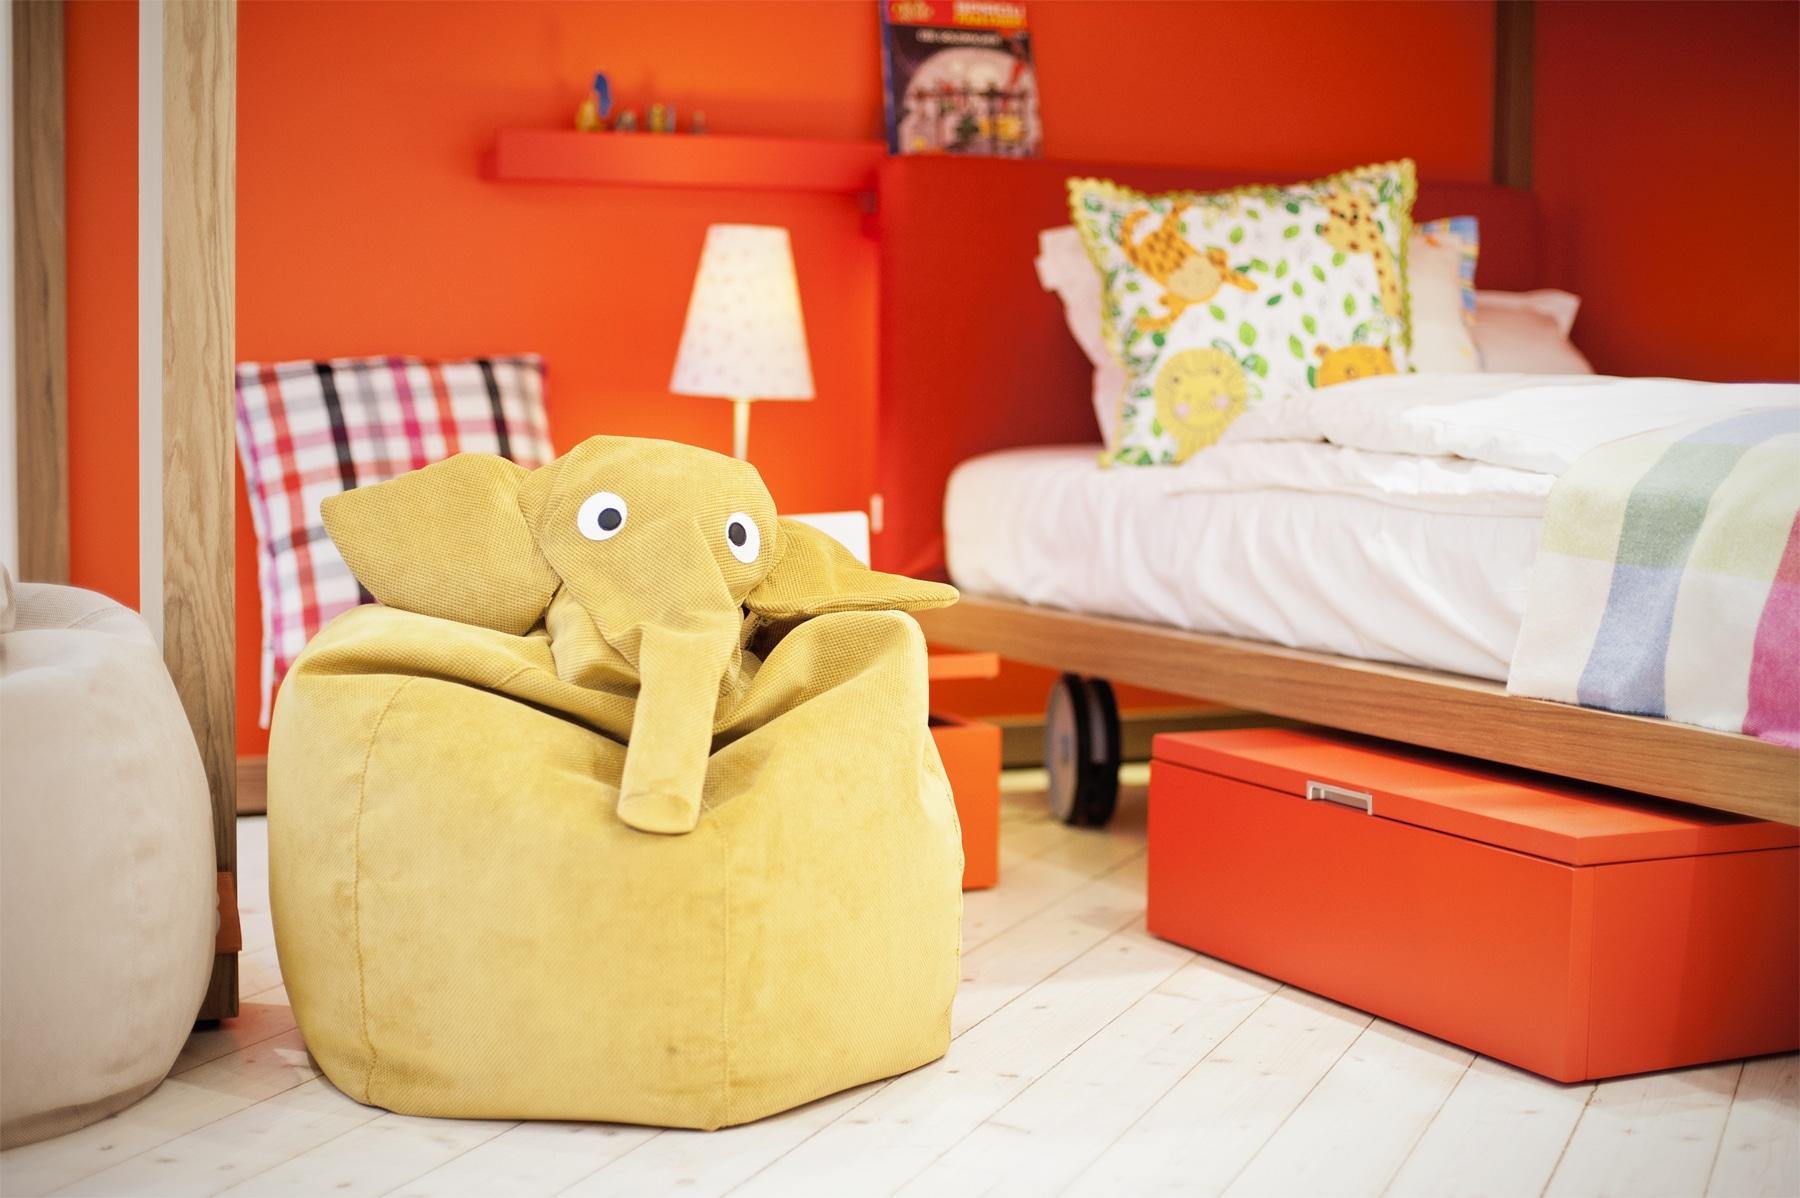 Design Kindermöbel hochwertig individuell